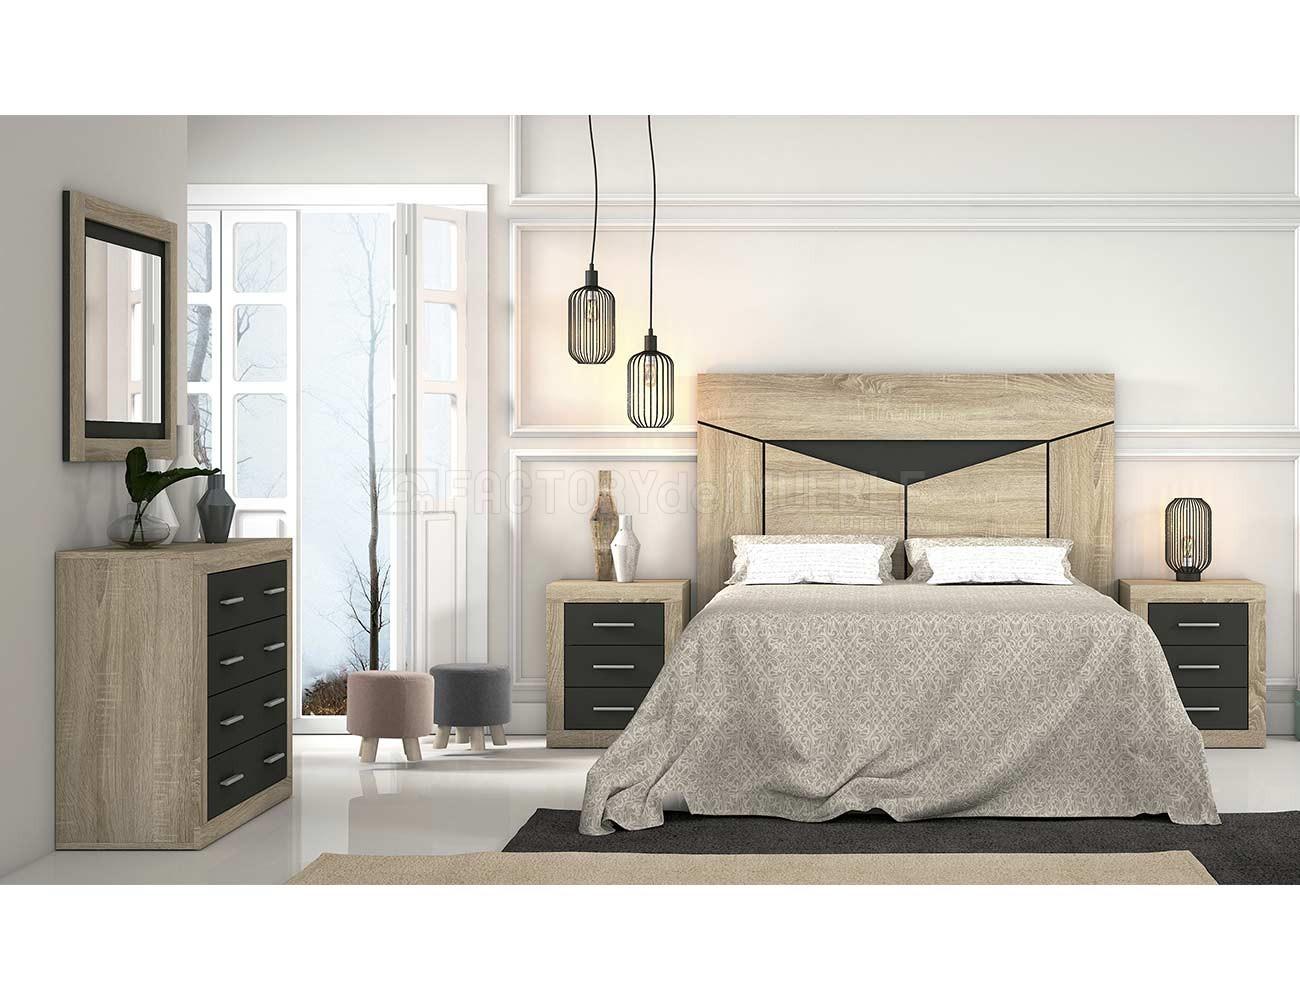 Dormitorio matrimonio cambria grafito 371